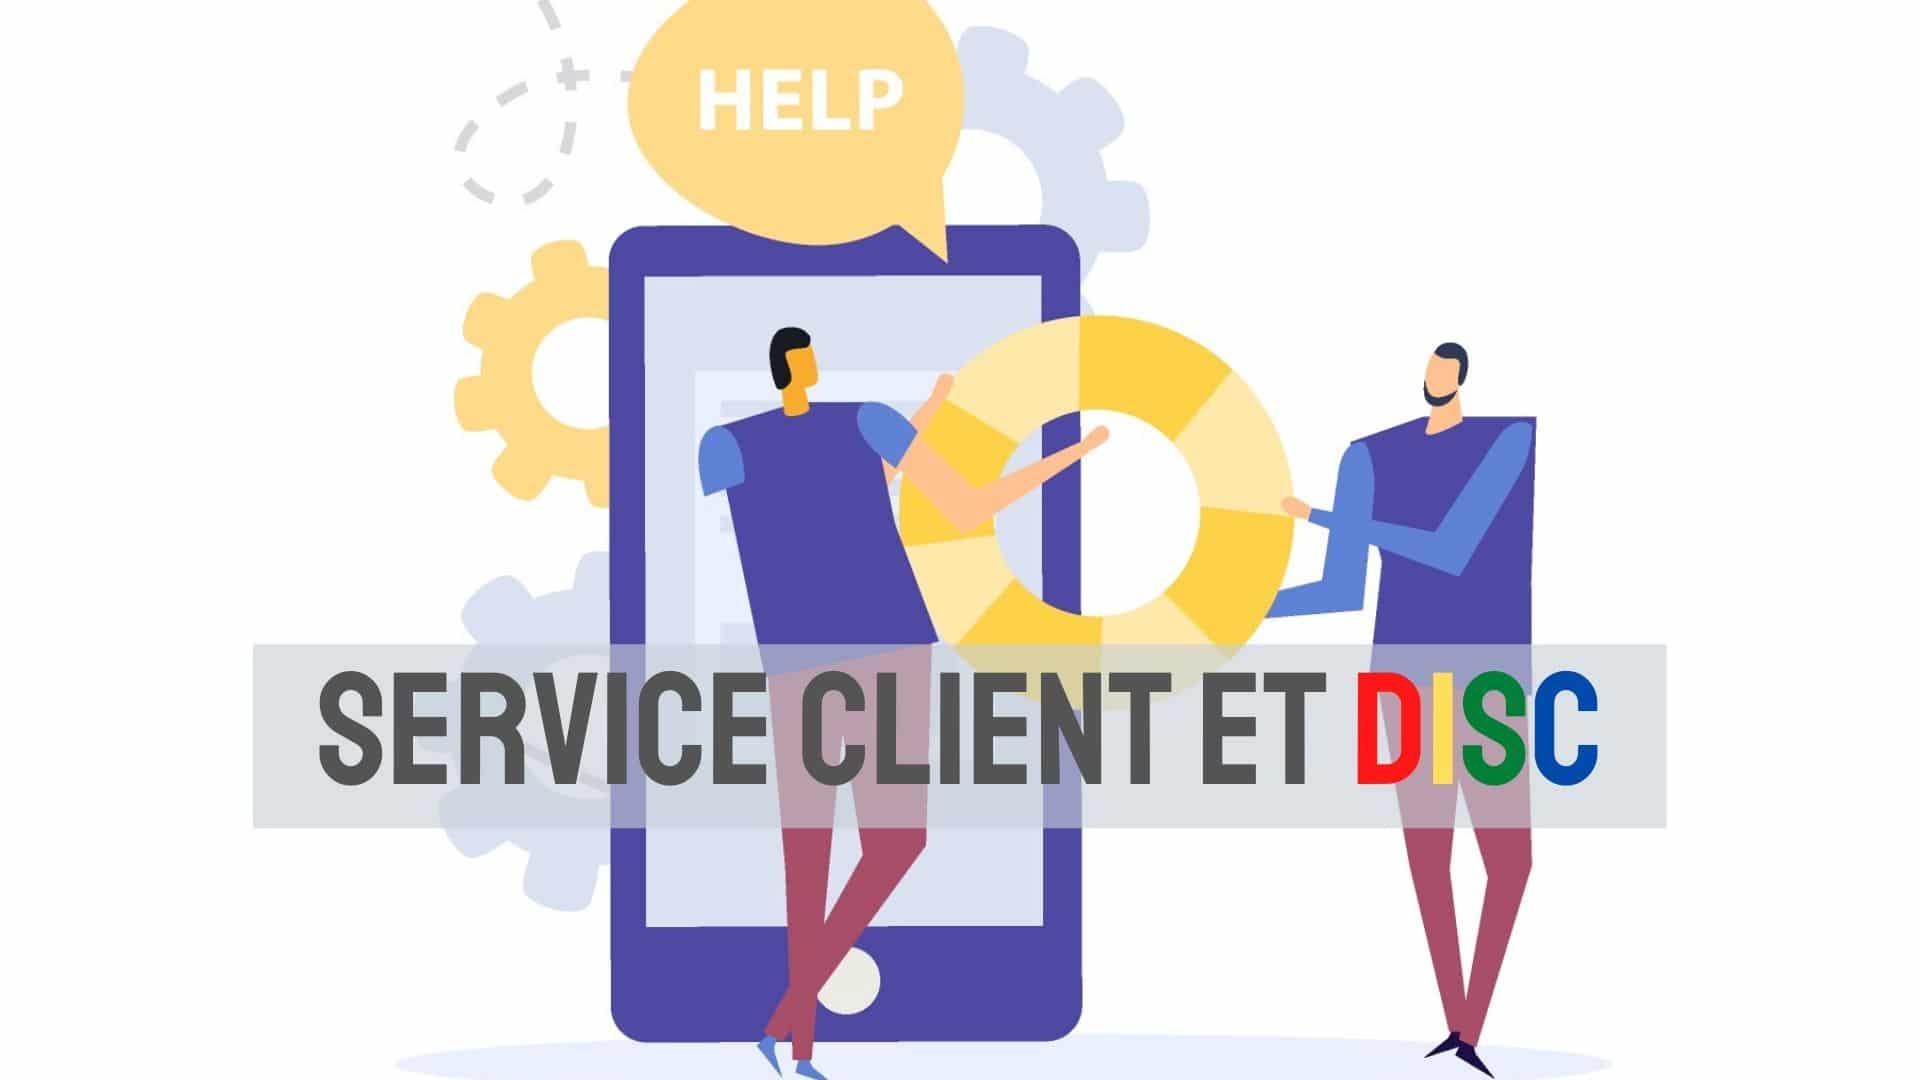 Service client s et DISC